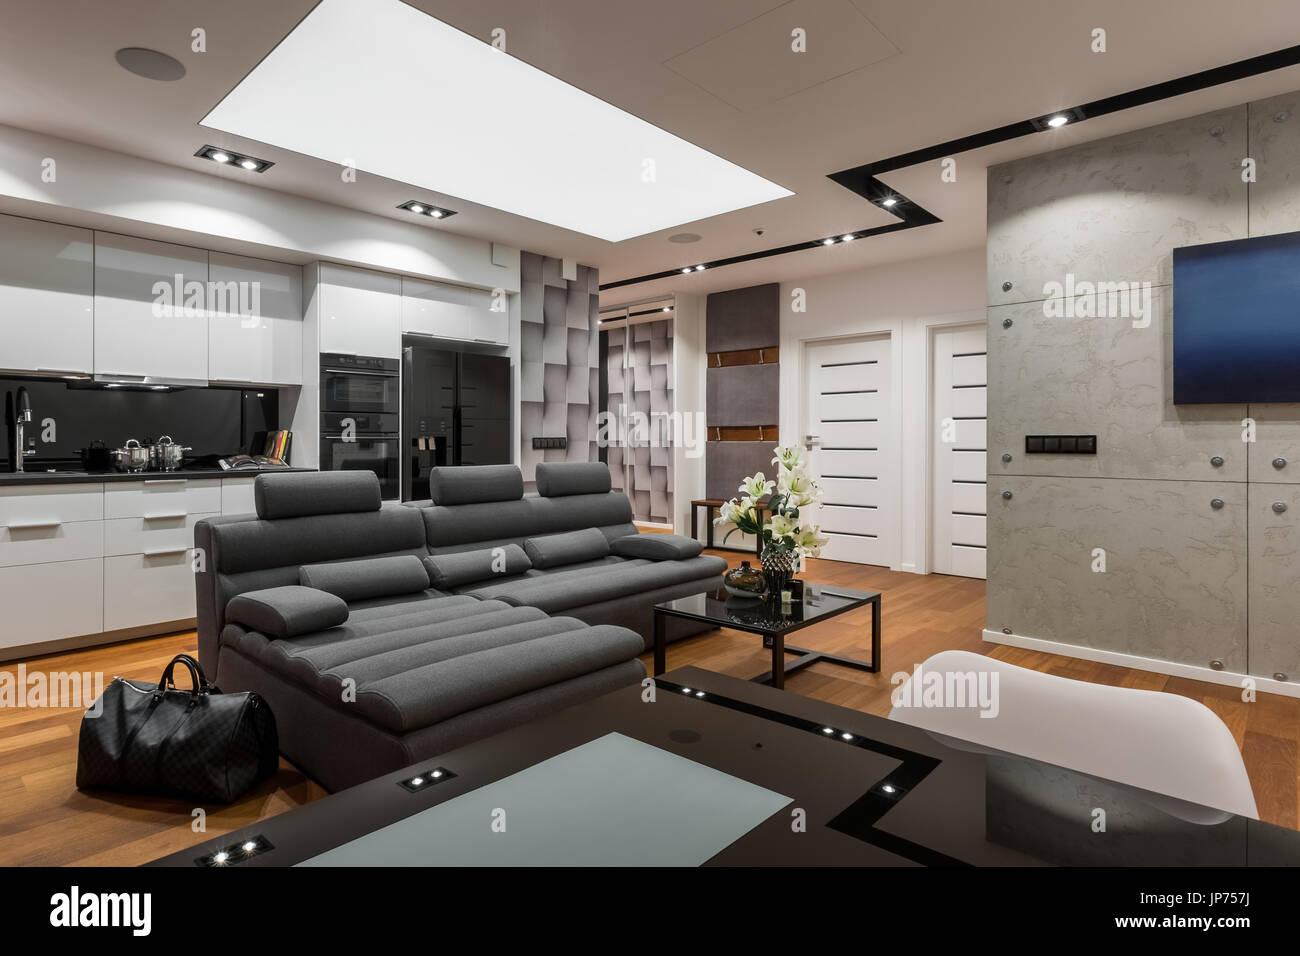 Divano Nero E Bianco : Moderno appartamento con vetro nero tavolo divano e bianco